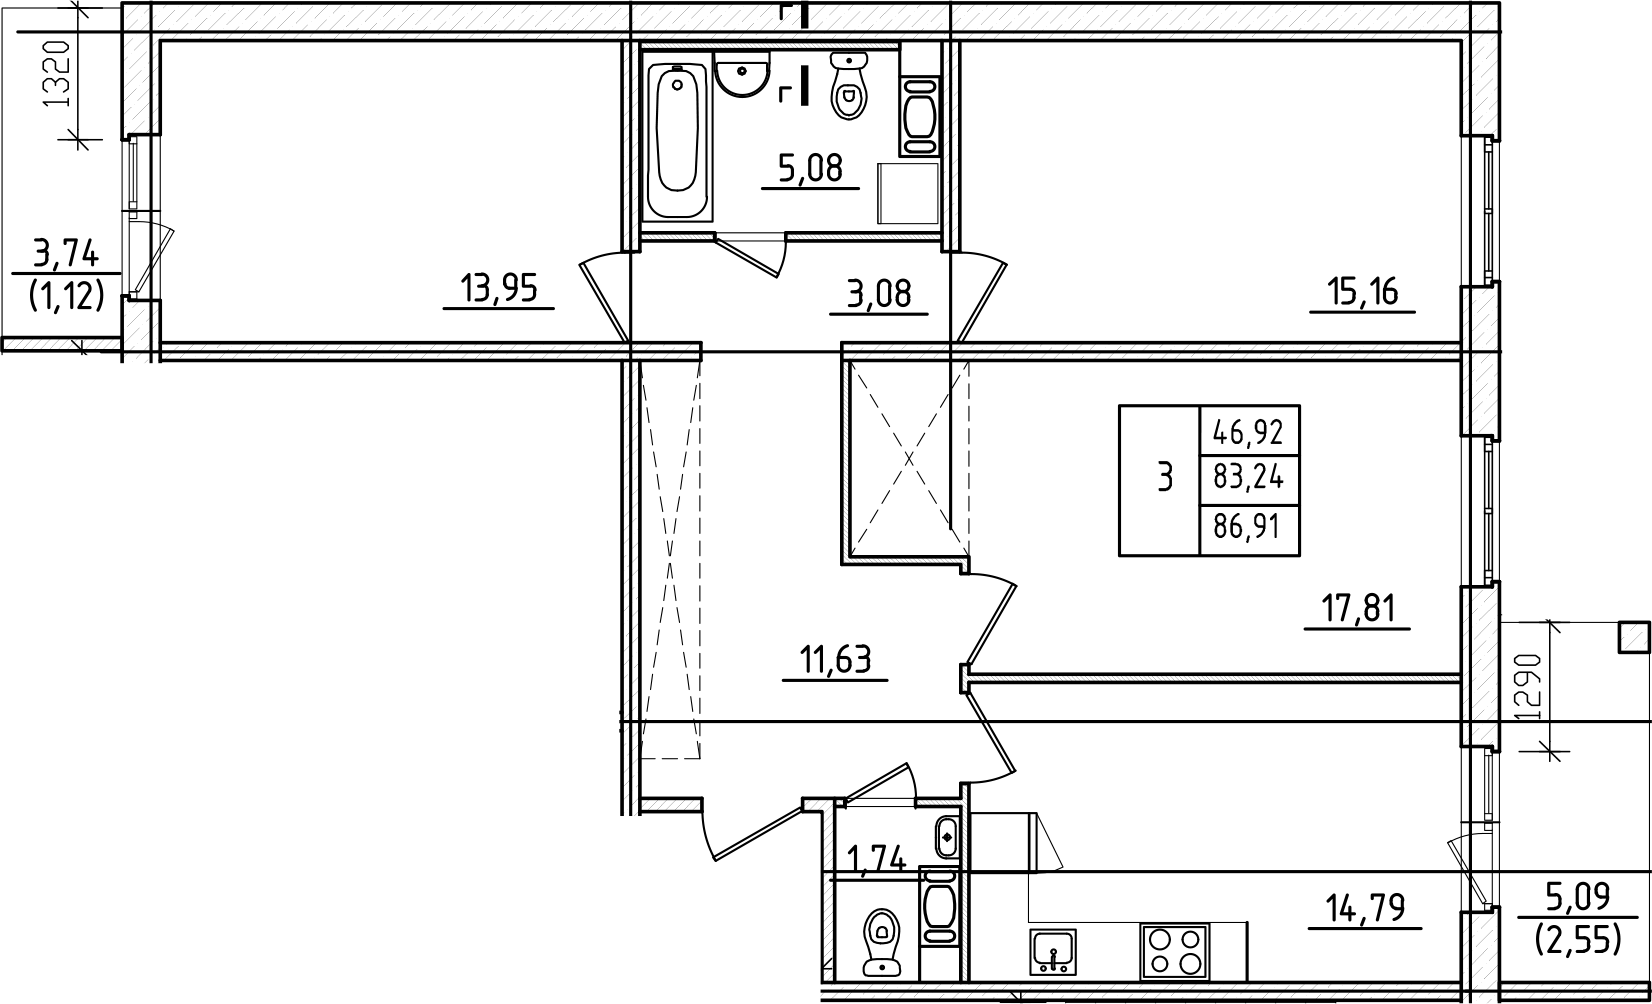 3-к.кв, 86.91 м², от 3 этажа